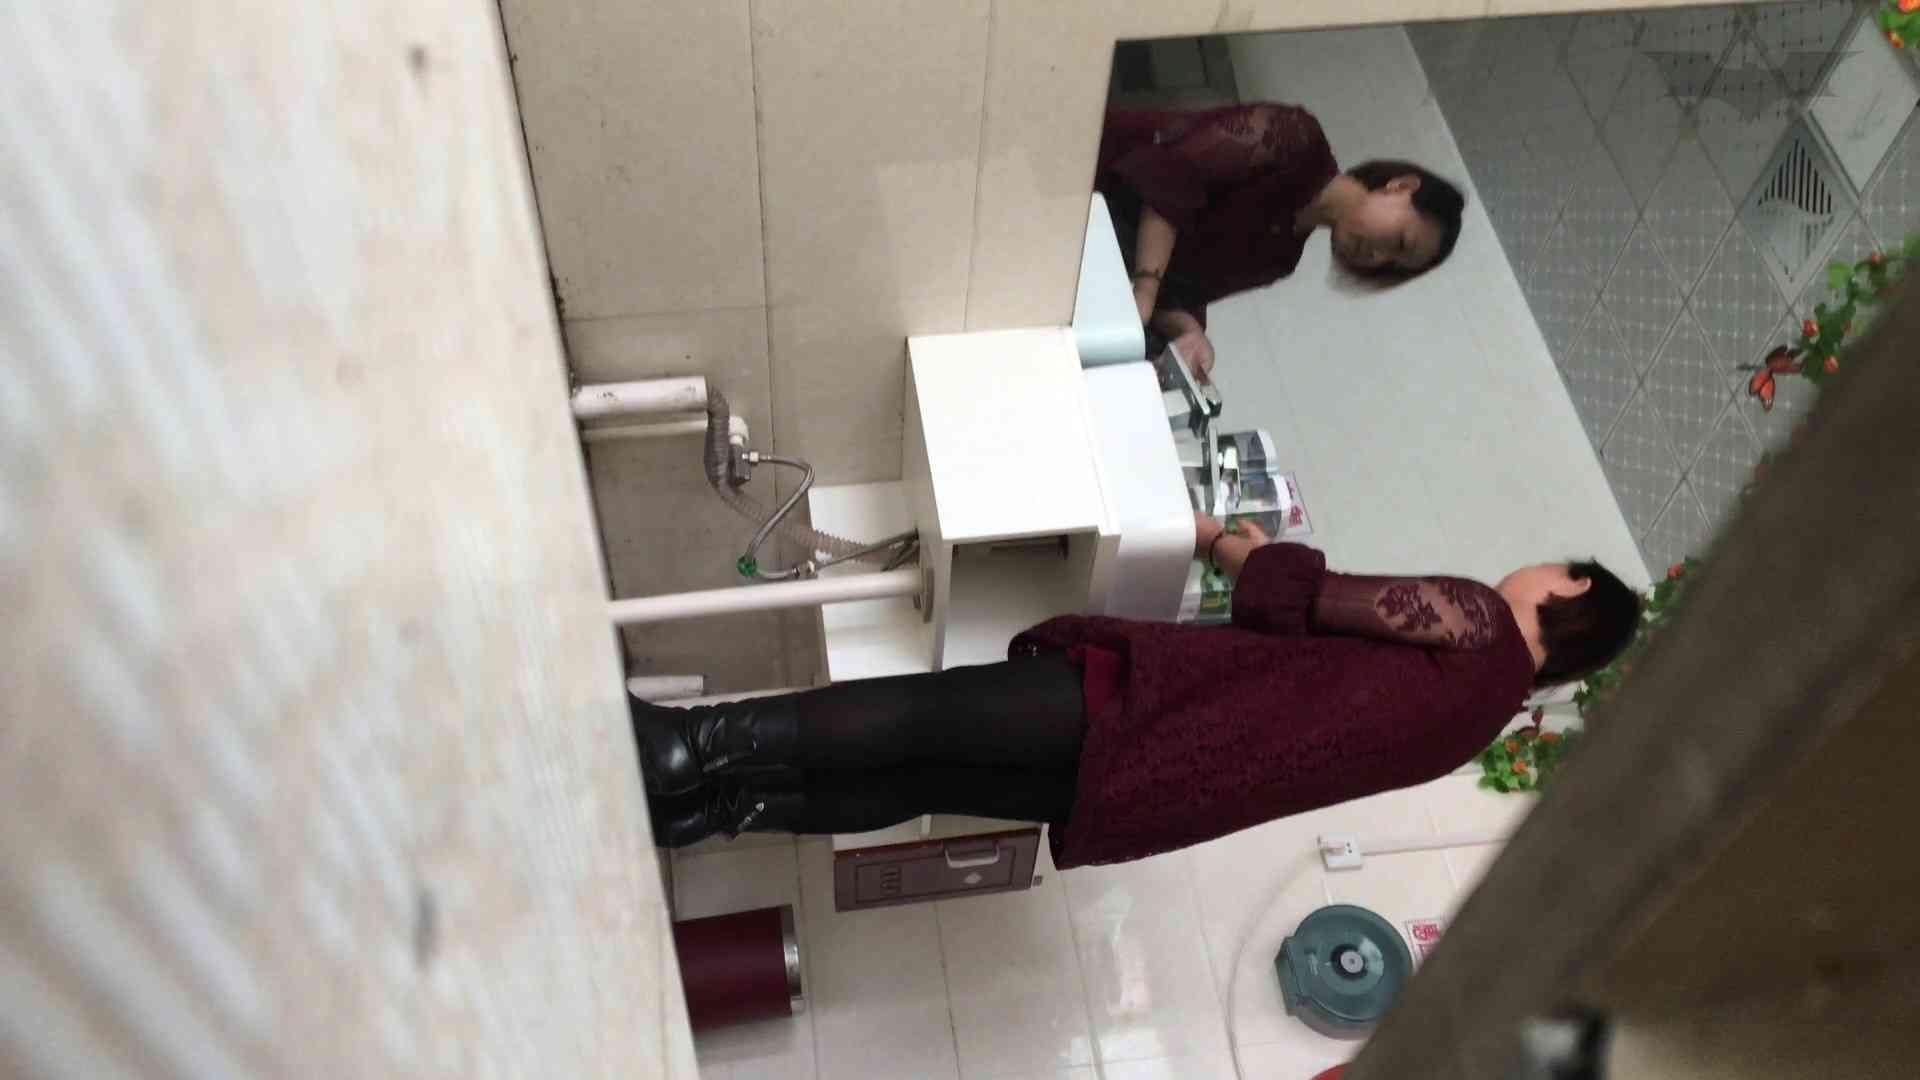 芸術大学ガチ潜入盗撮 JD盗撮 美女の洗面所の秘密 Vol.111 ギャル攻め 戯れ無修正画像 96画像 30